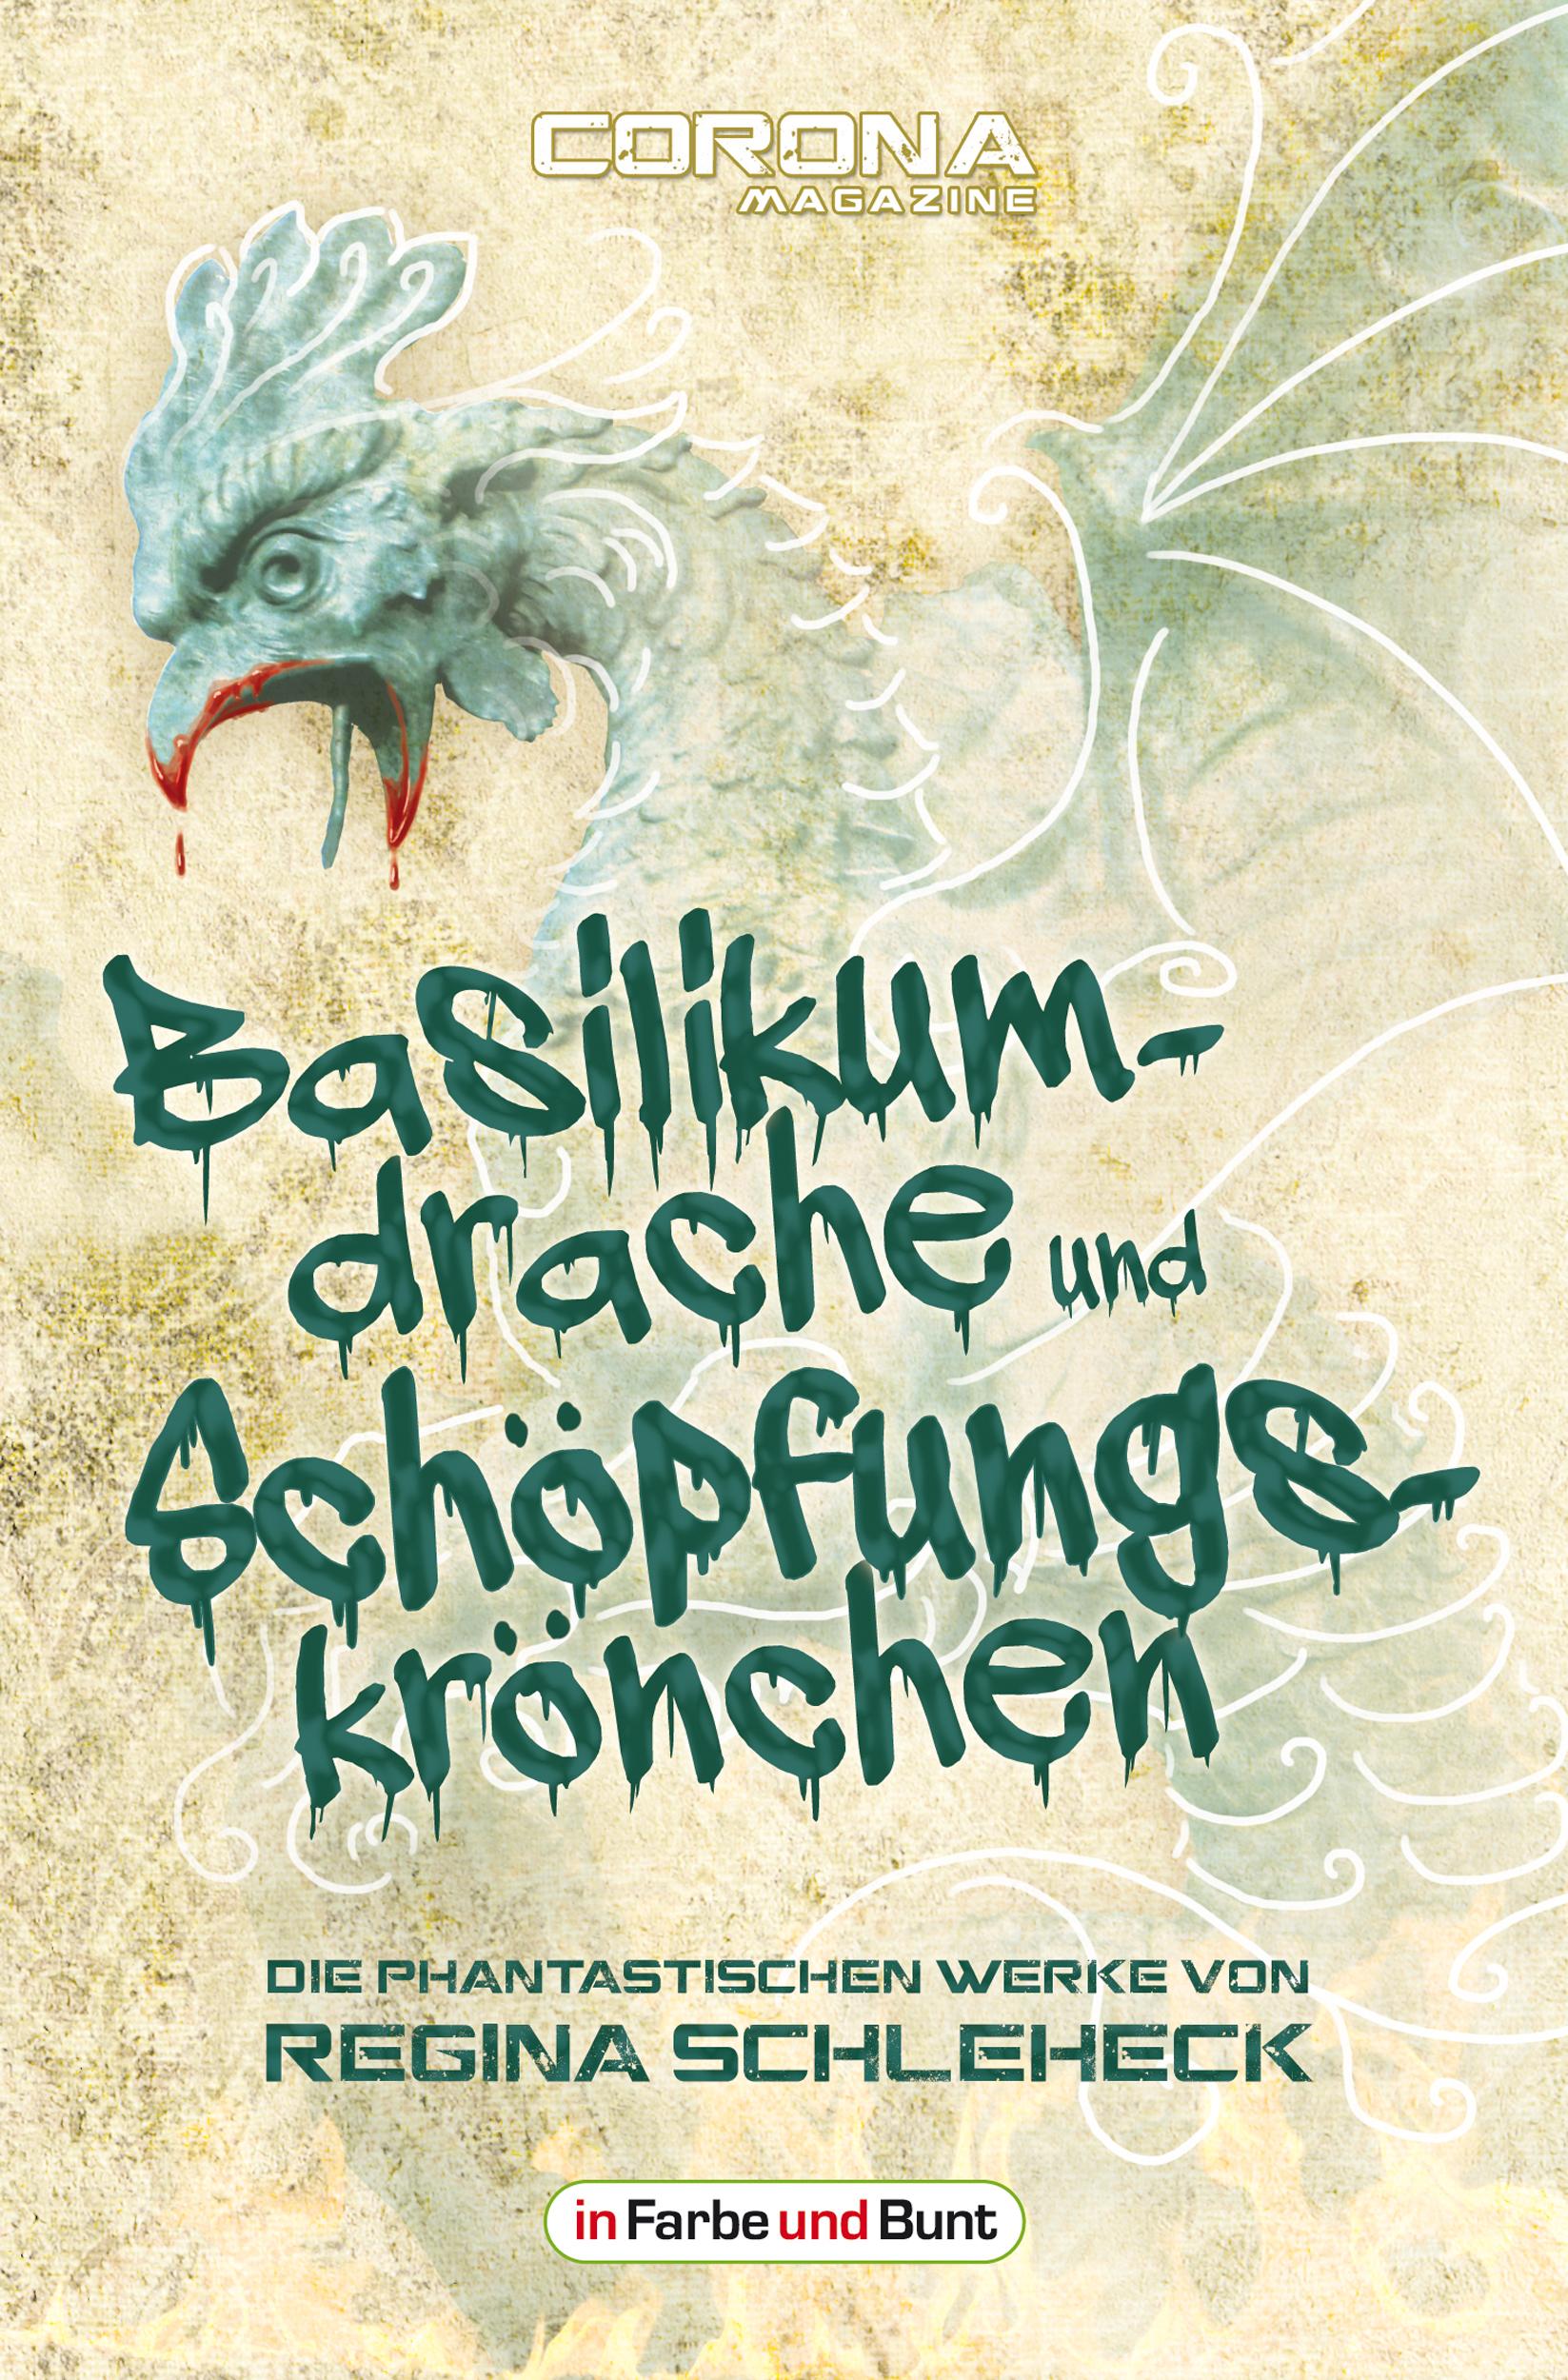 Schleheck_Regina_basilikumdrache_und_schoepfungskroenchen_phantastik-autoren-netzwerk.jpg